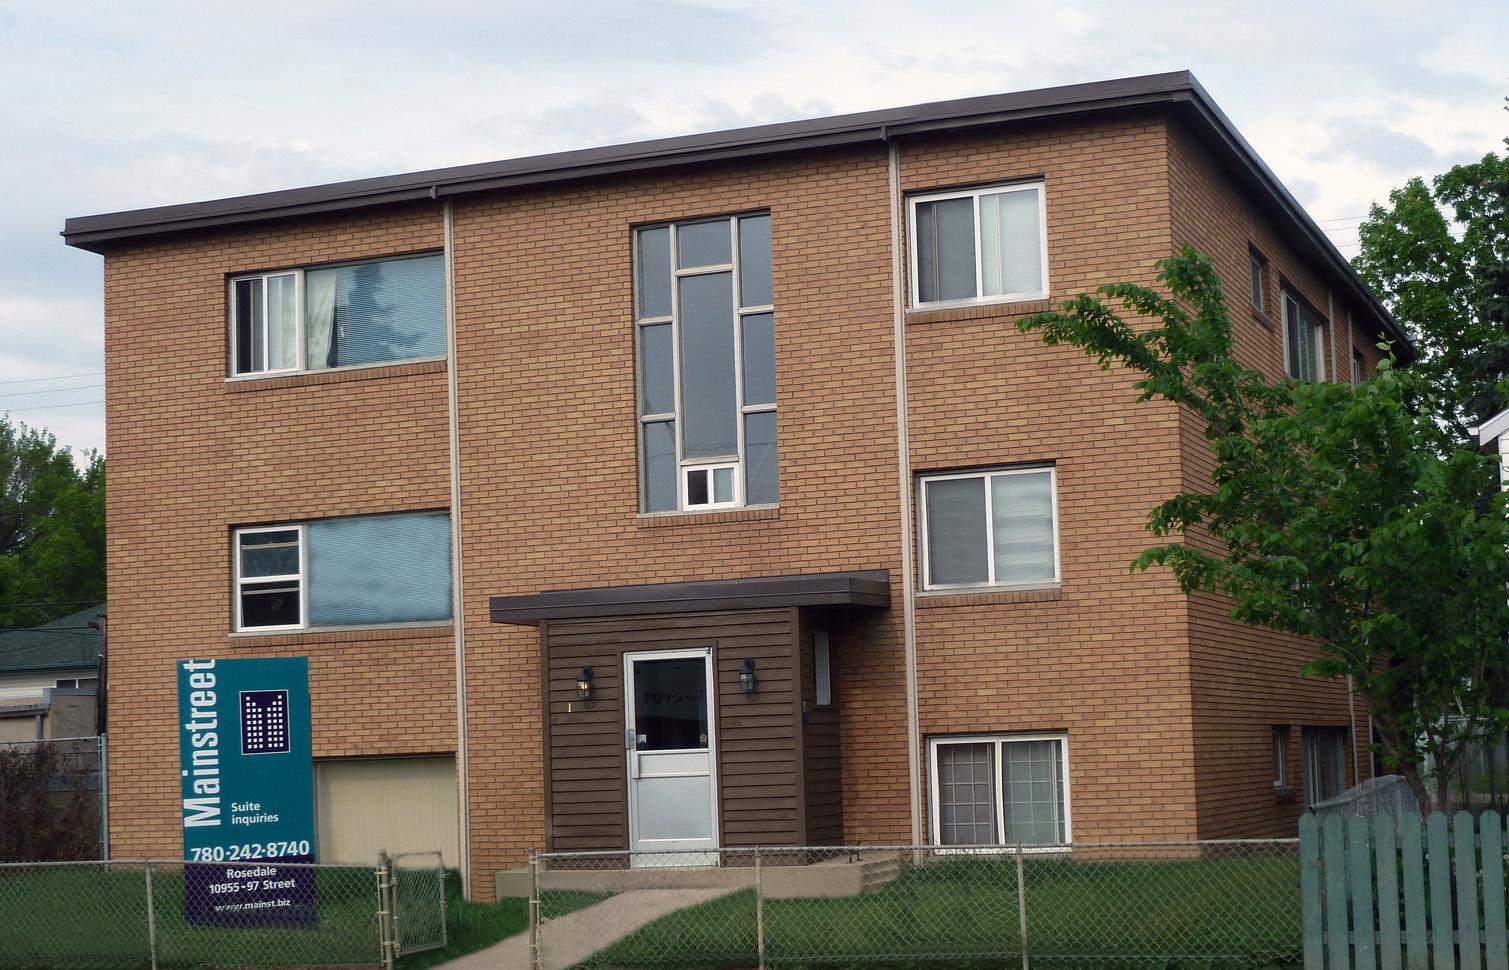 10959 97 Street NW, Edmonton, AB - $799